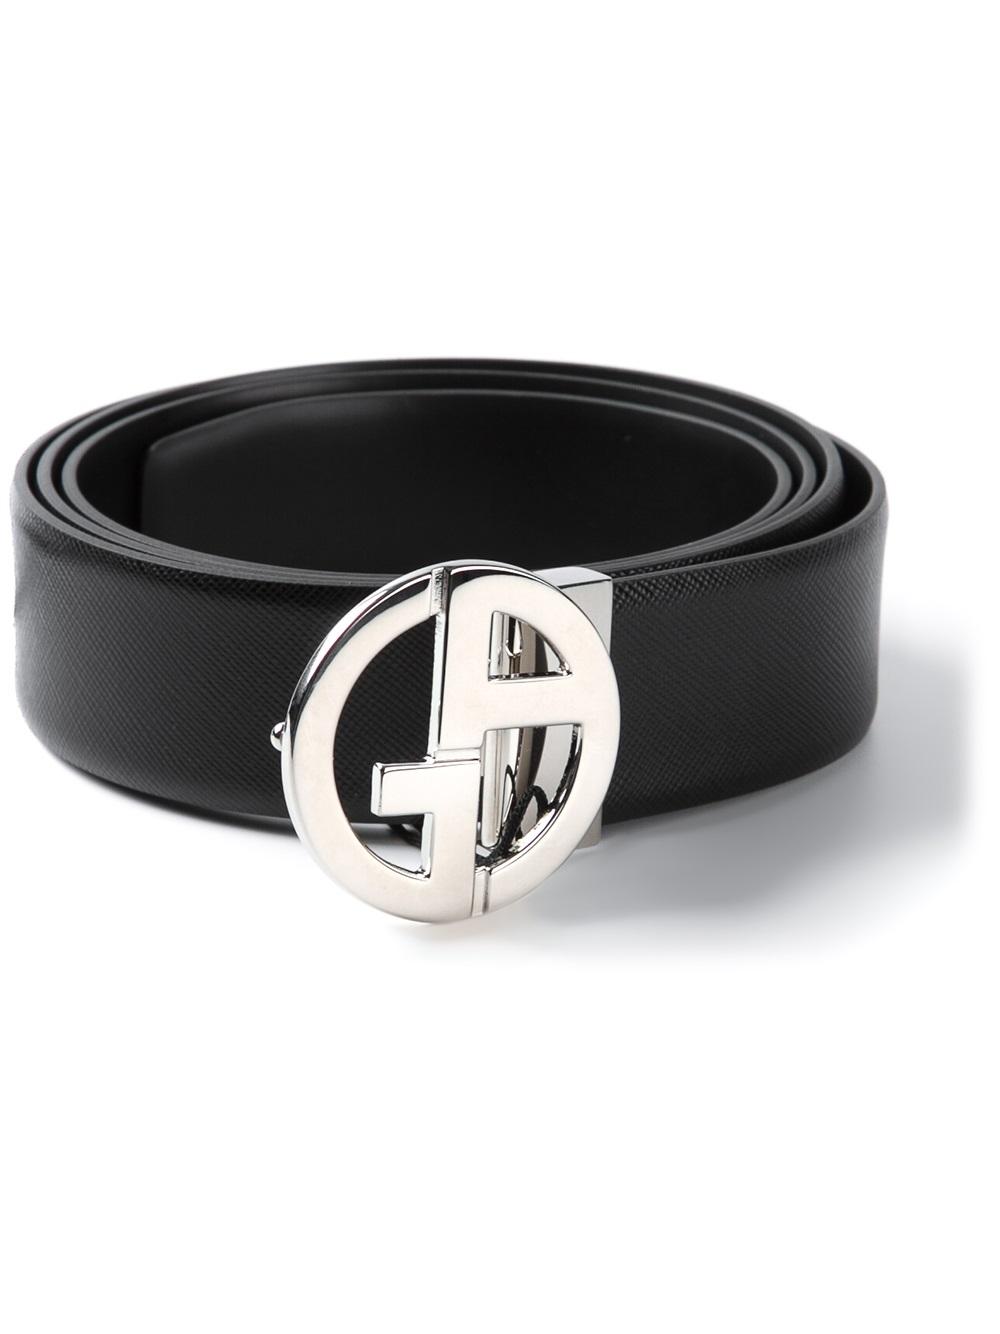 1a1bd03462 top quality belt emporio armani 455e6 779a8